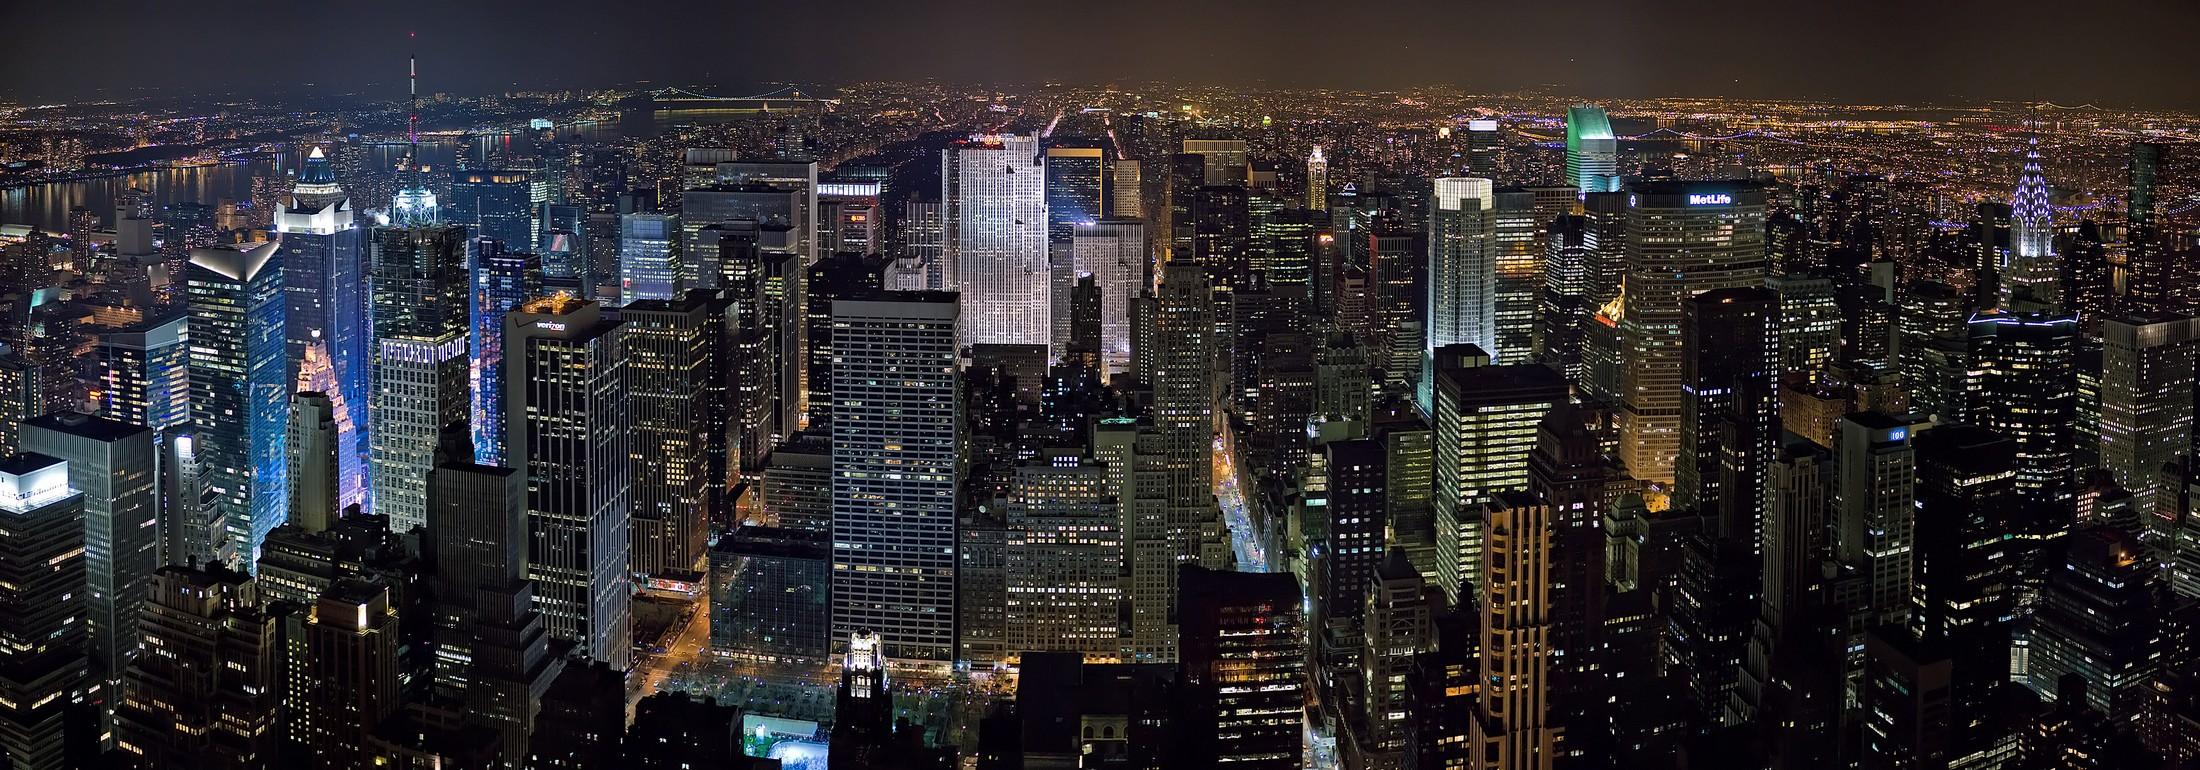 Nueva York por DAVID ILIFF